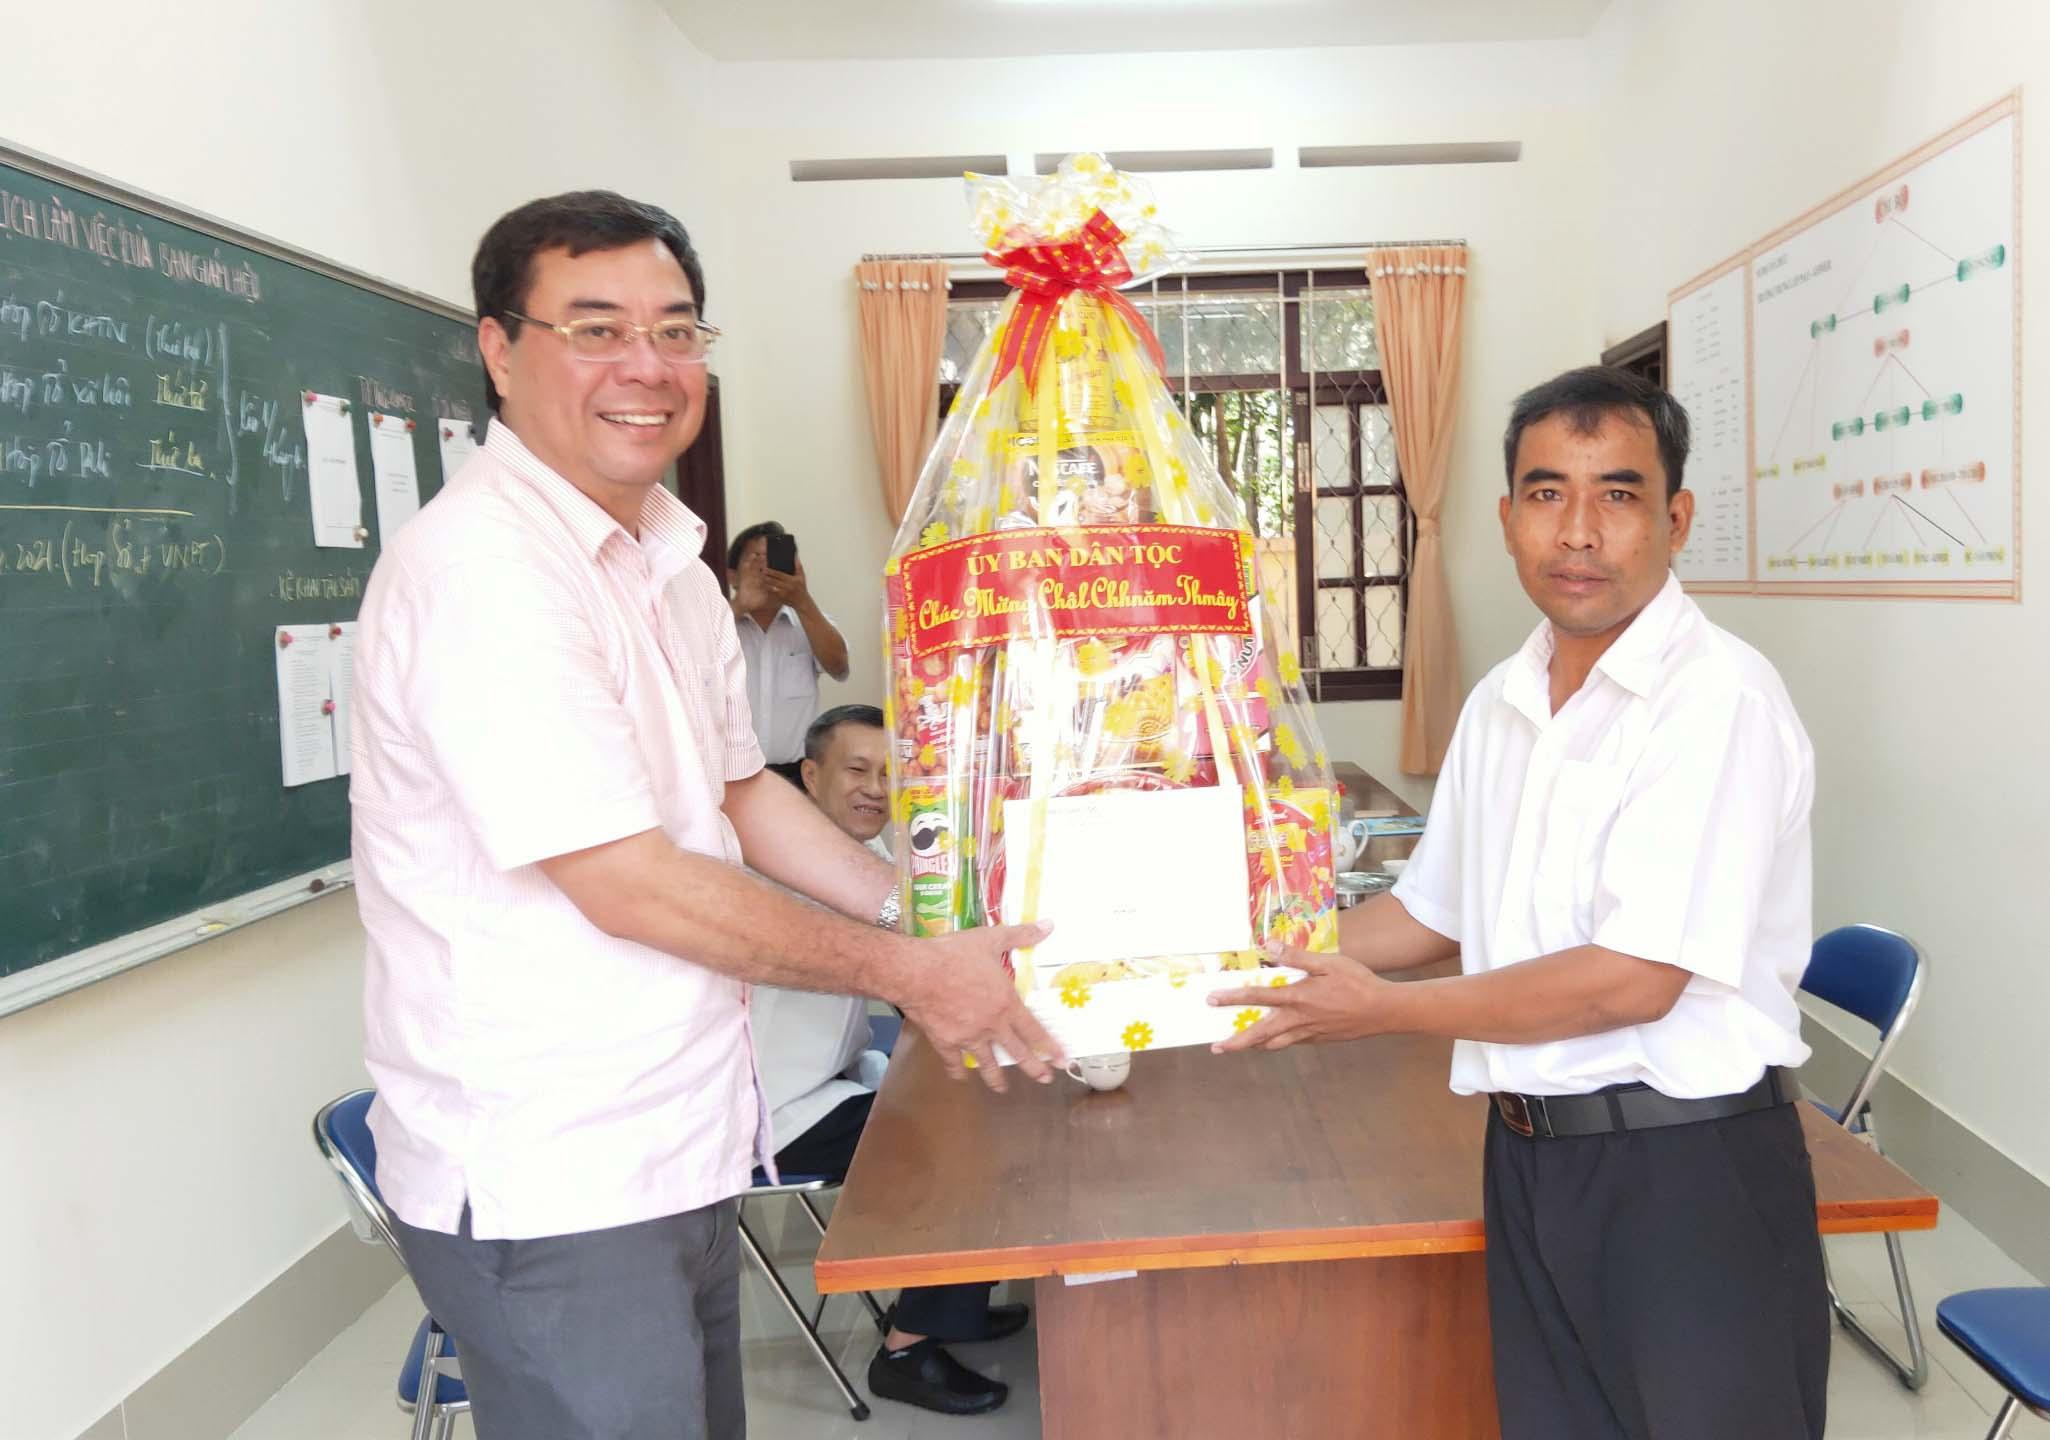 Ông Tào Việt Thắng tặng quà cho Ban giám hiệu trường phổ Dân tộc Nội trú tỉnh Trà Vinh